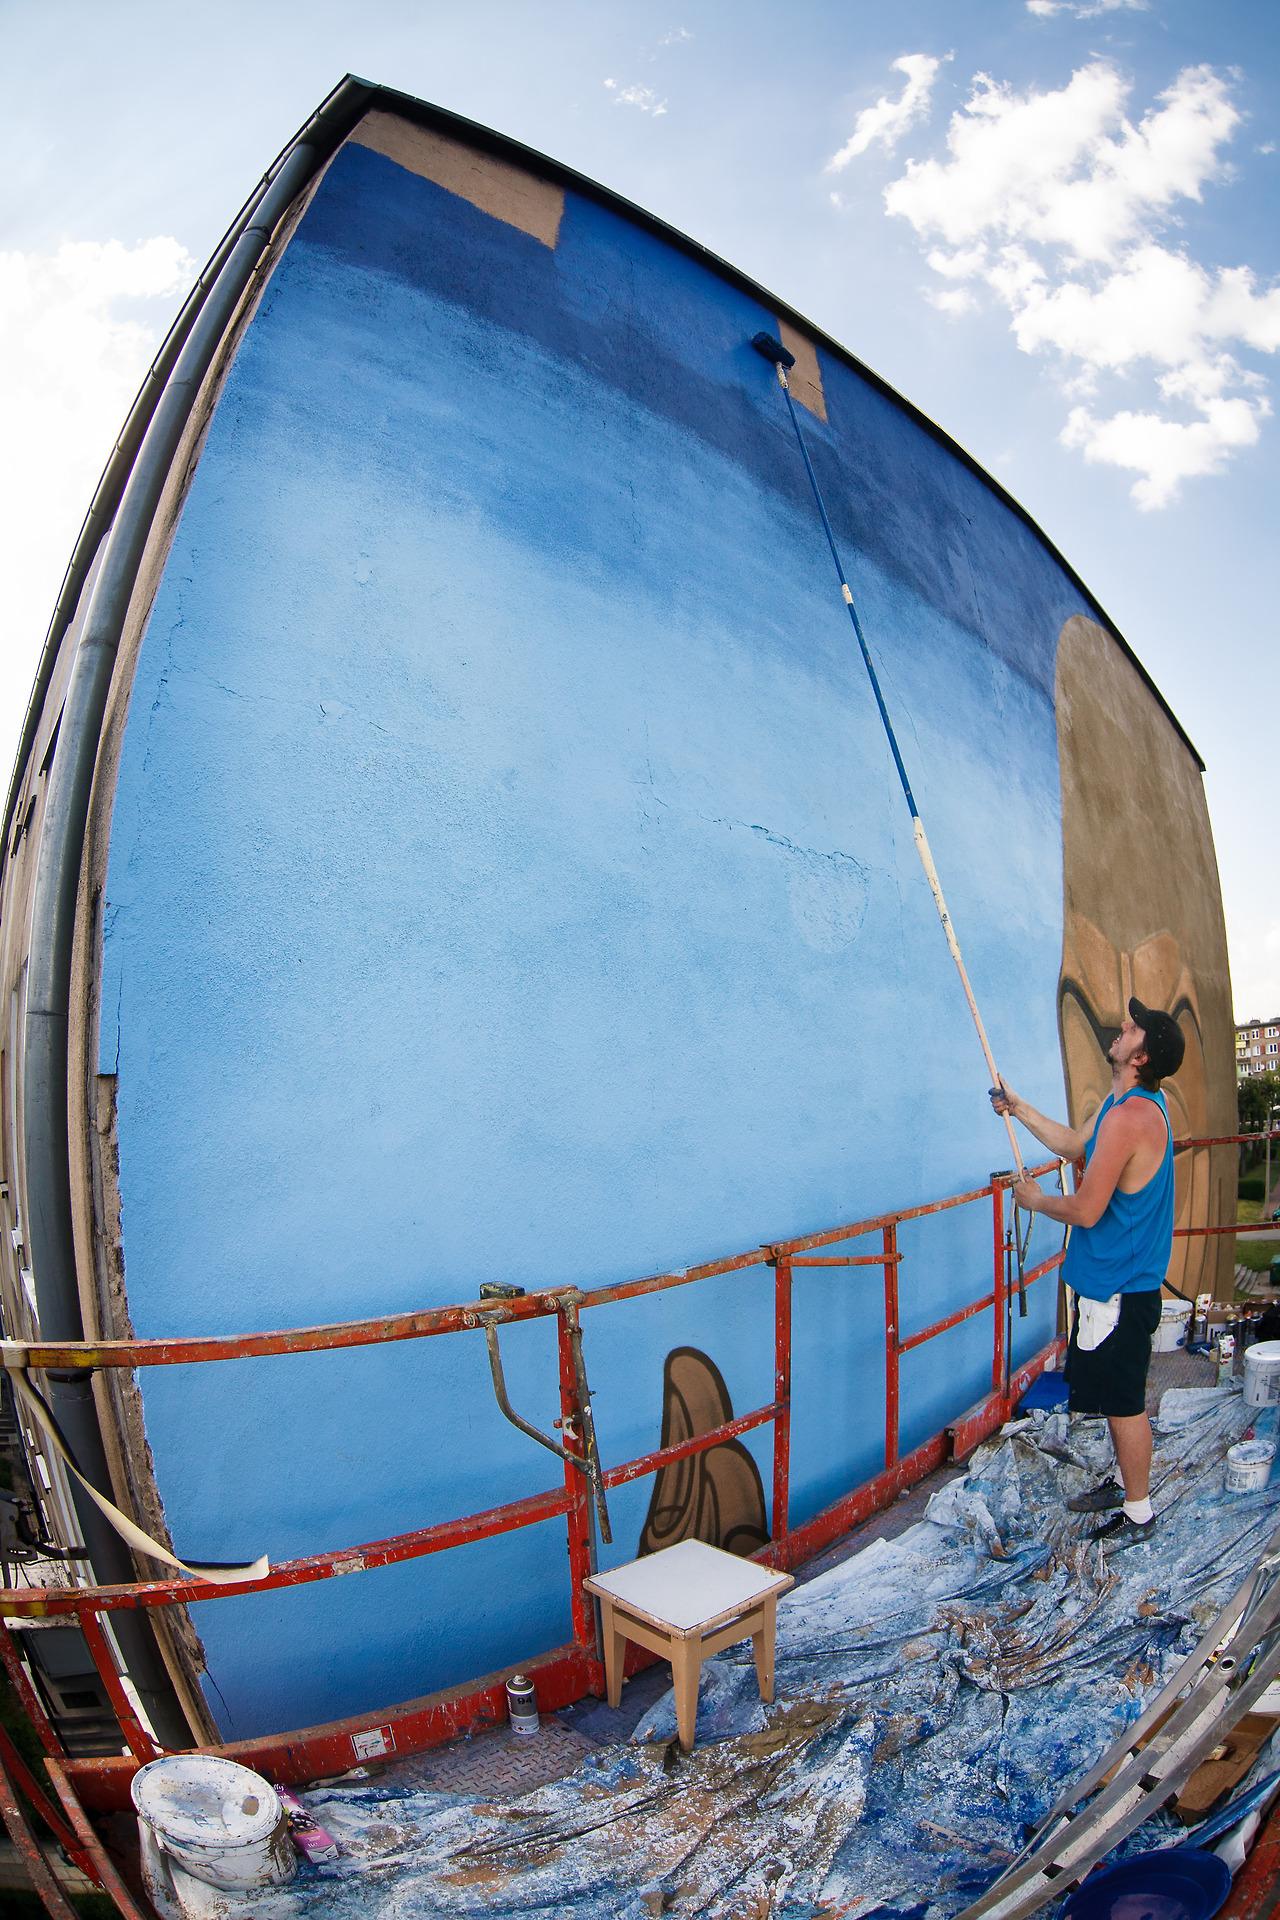 teck-for-katowice-street-art-festival-2014-04